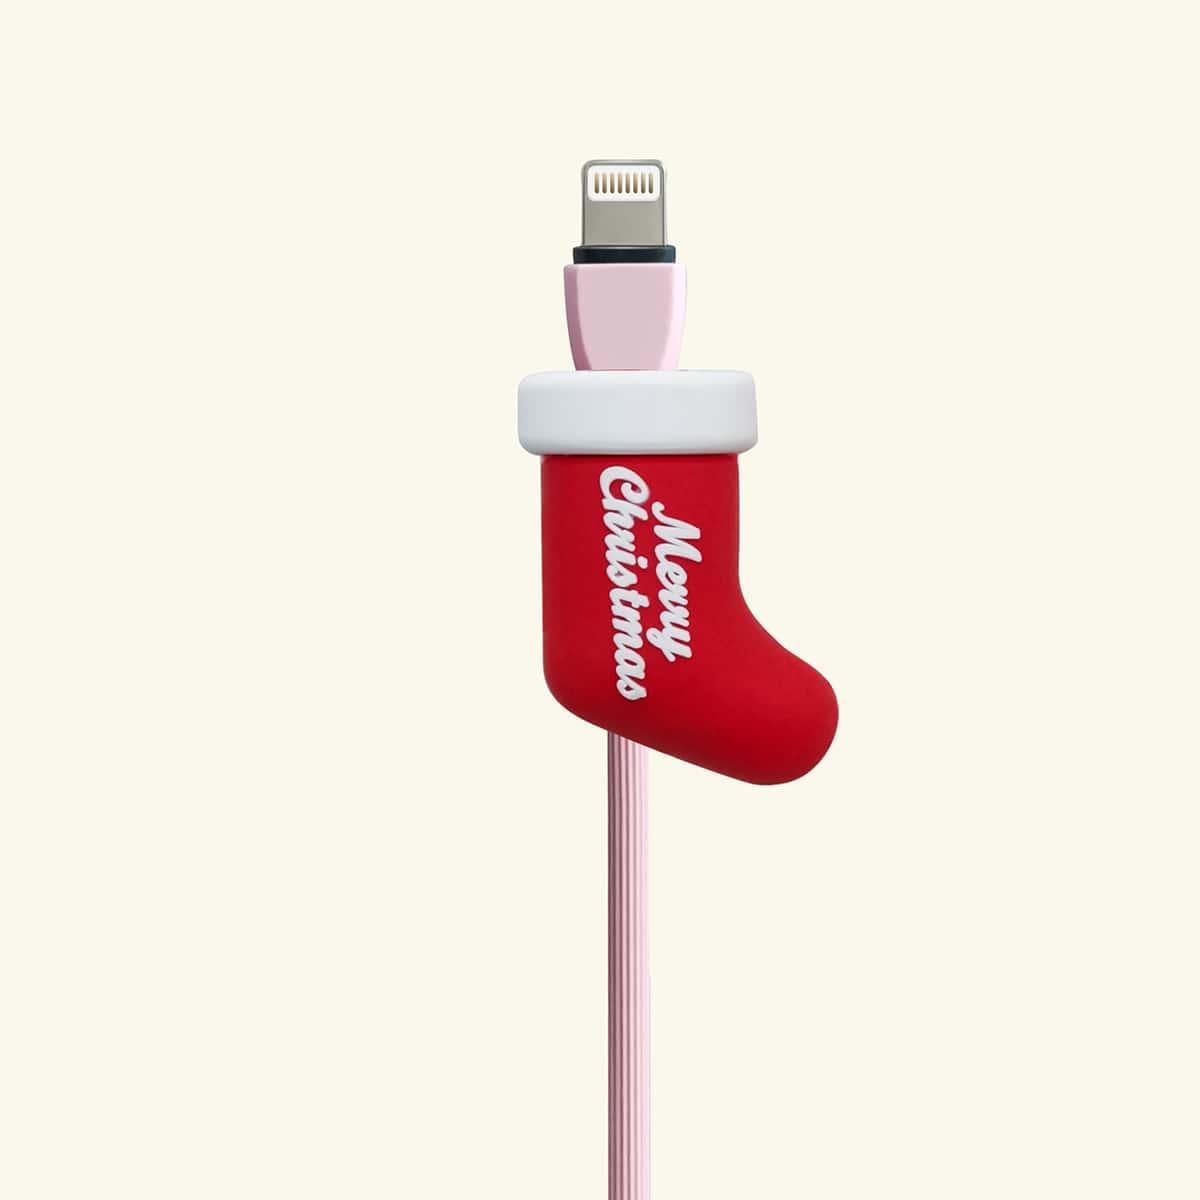 Протектор кабеля передачи данных в форме рождественского носка